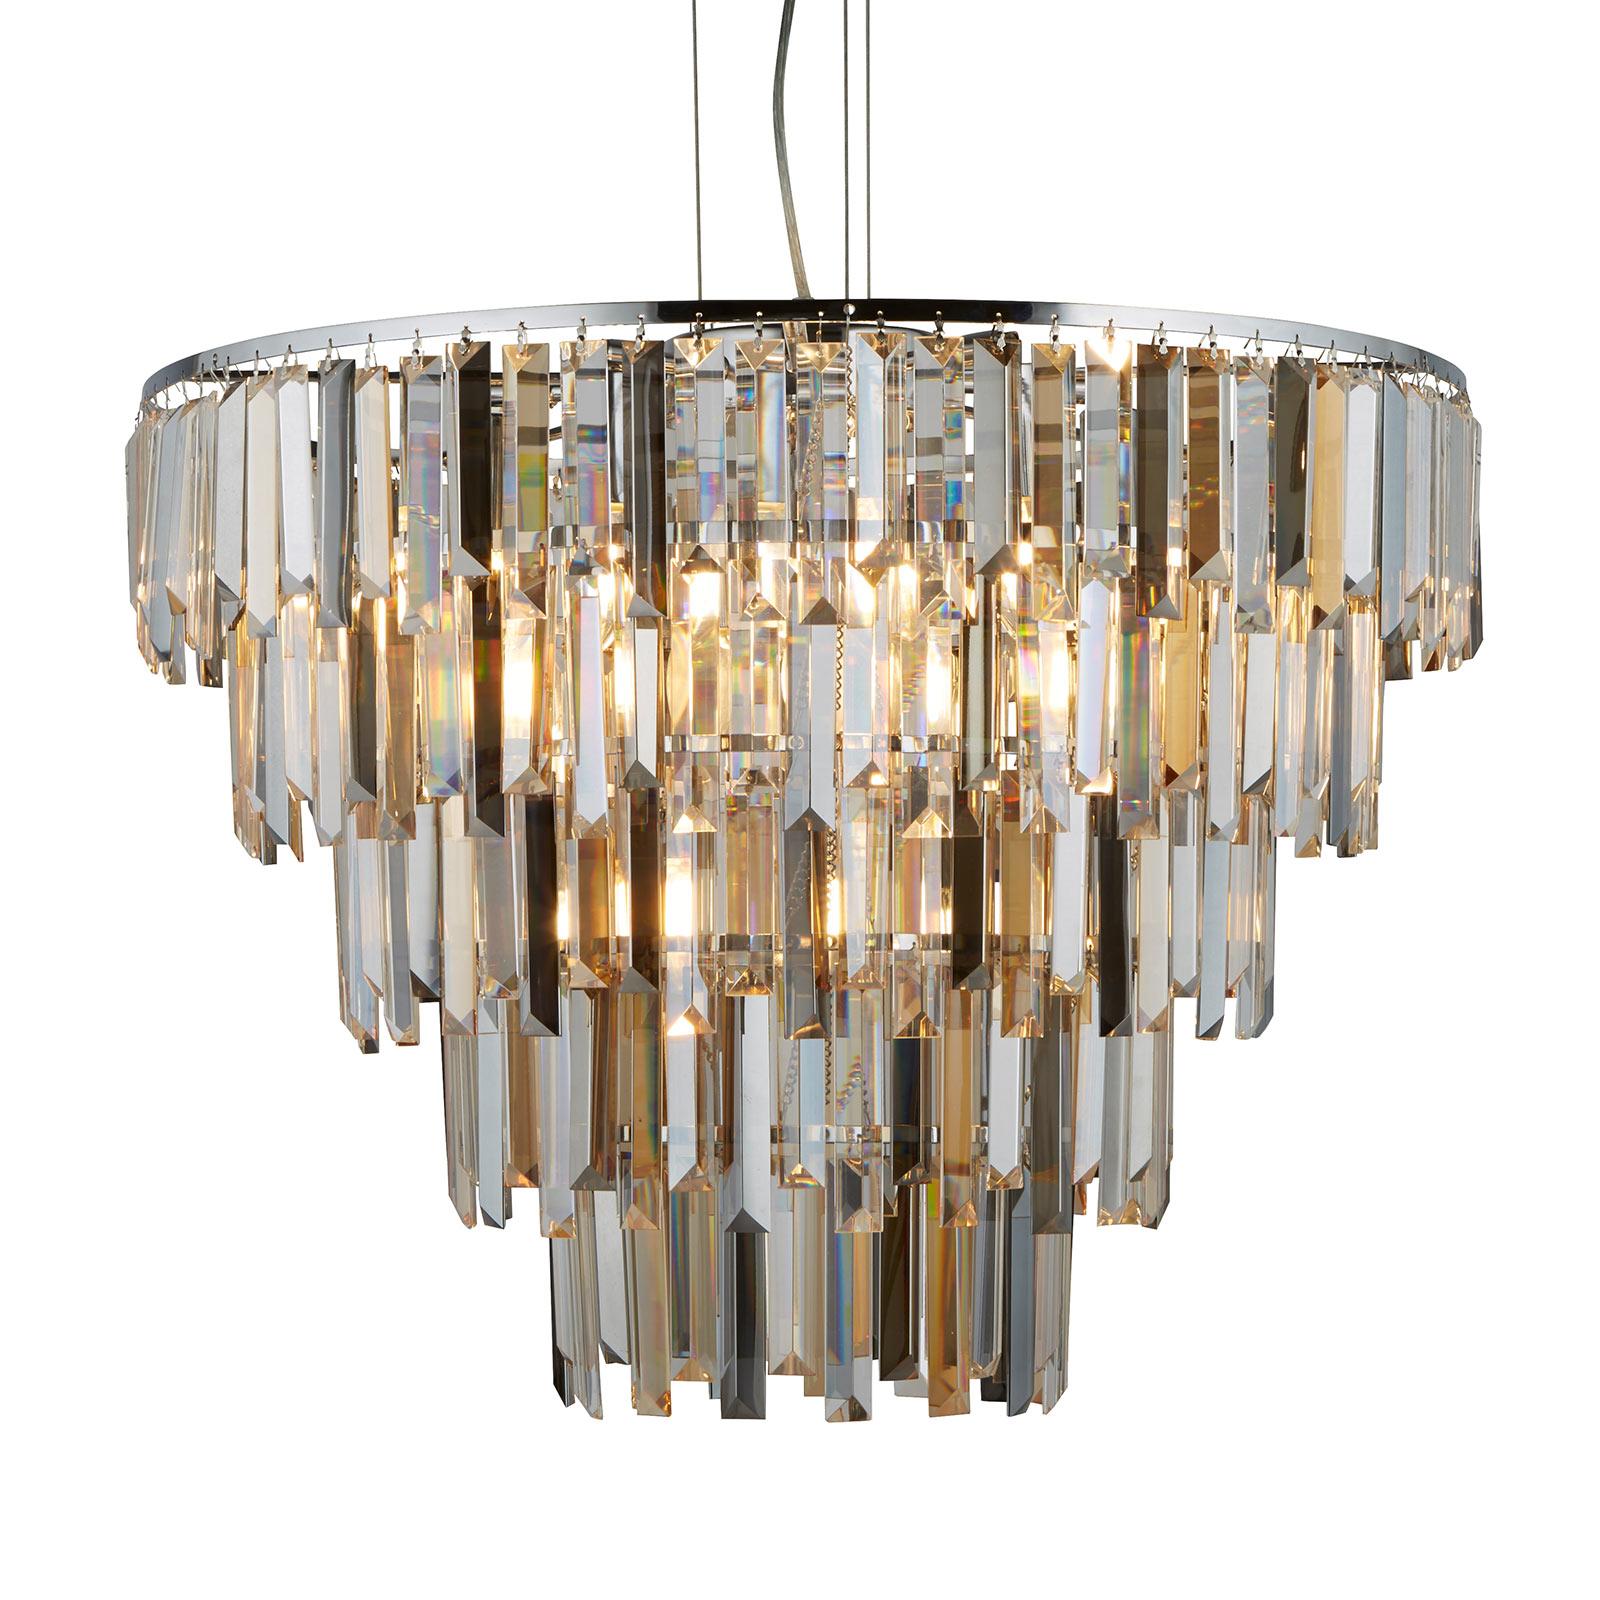 Hanglamp Clarissa met kristallen